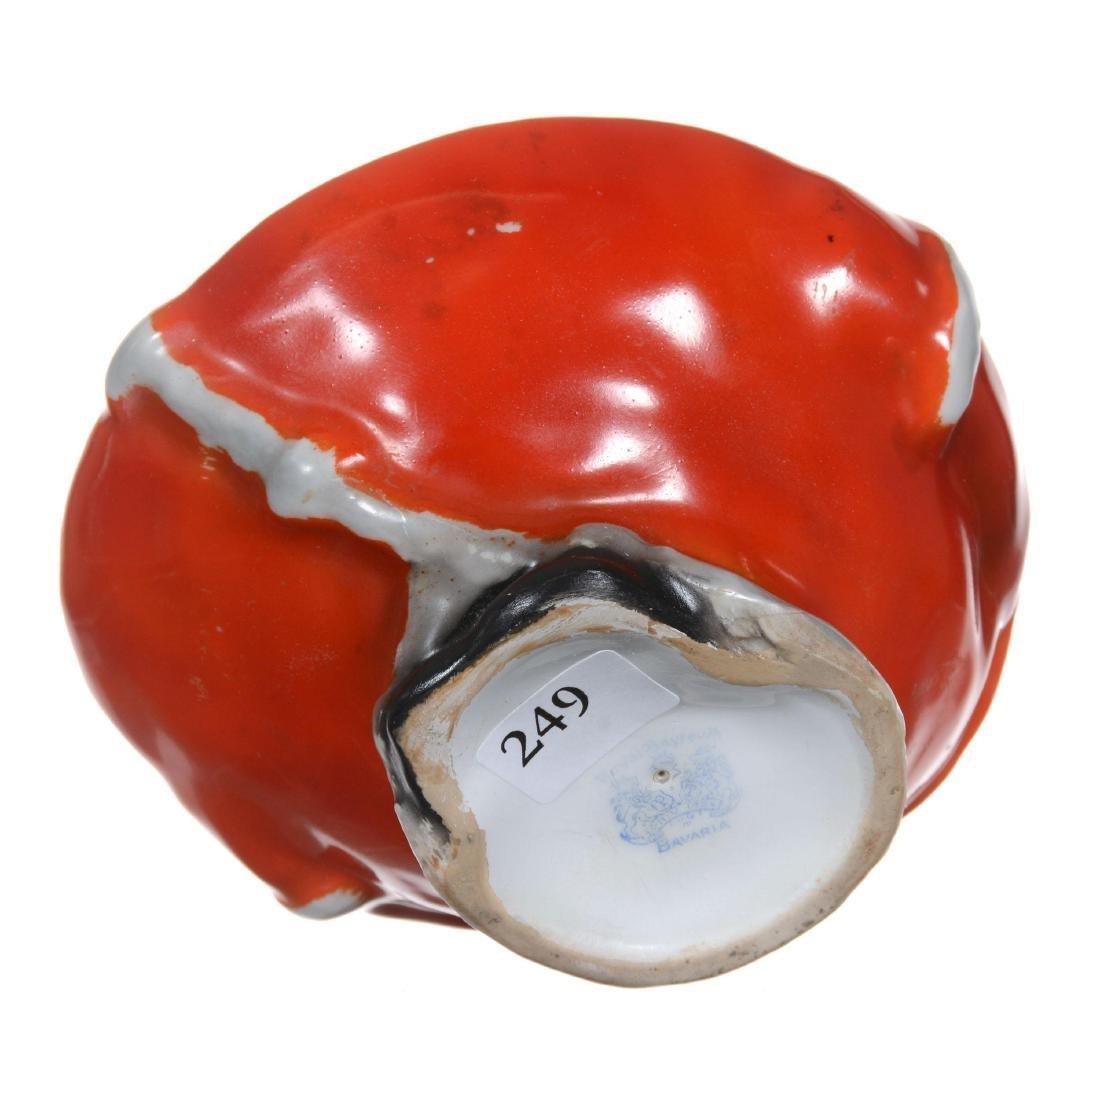 Royal Bayreuth Santa Claus Bowl - 3